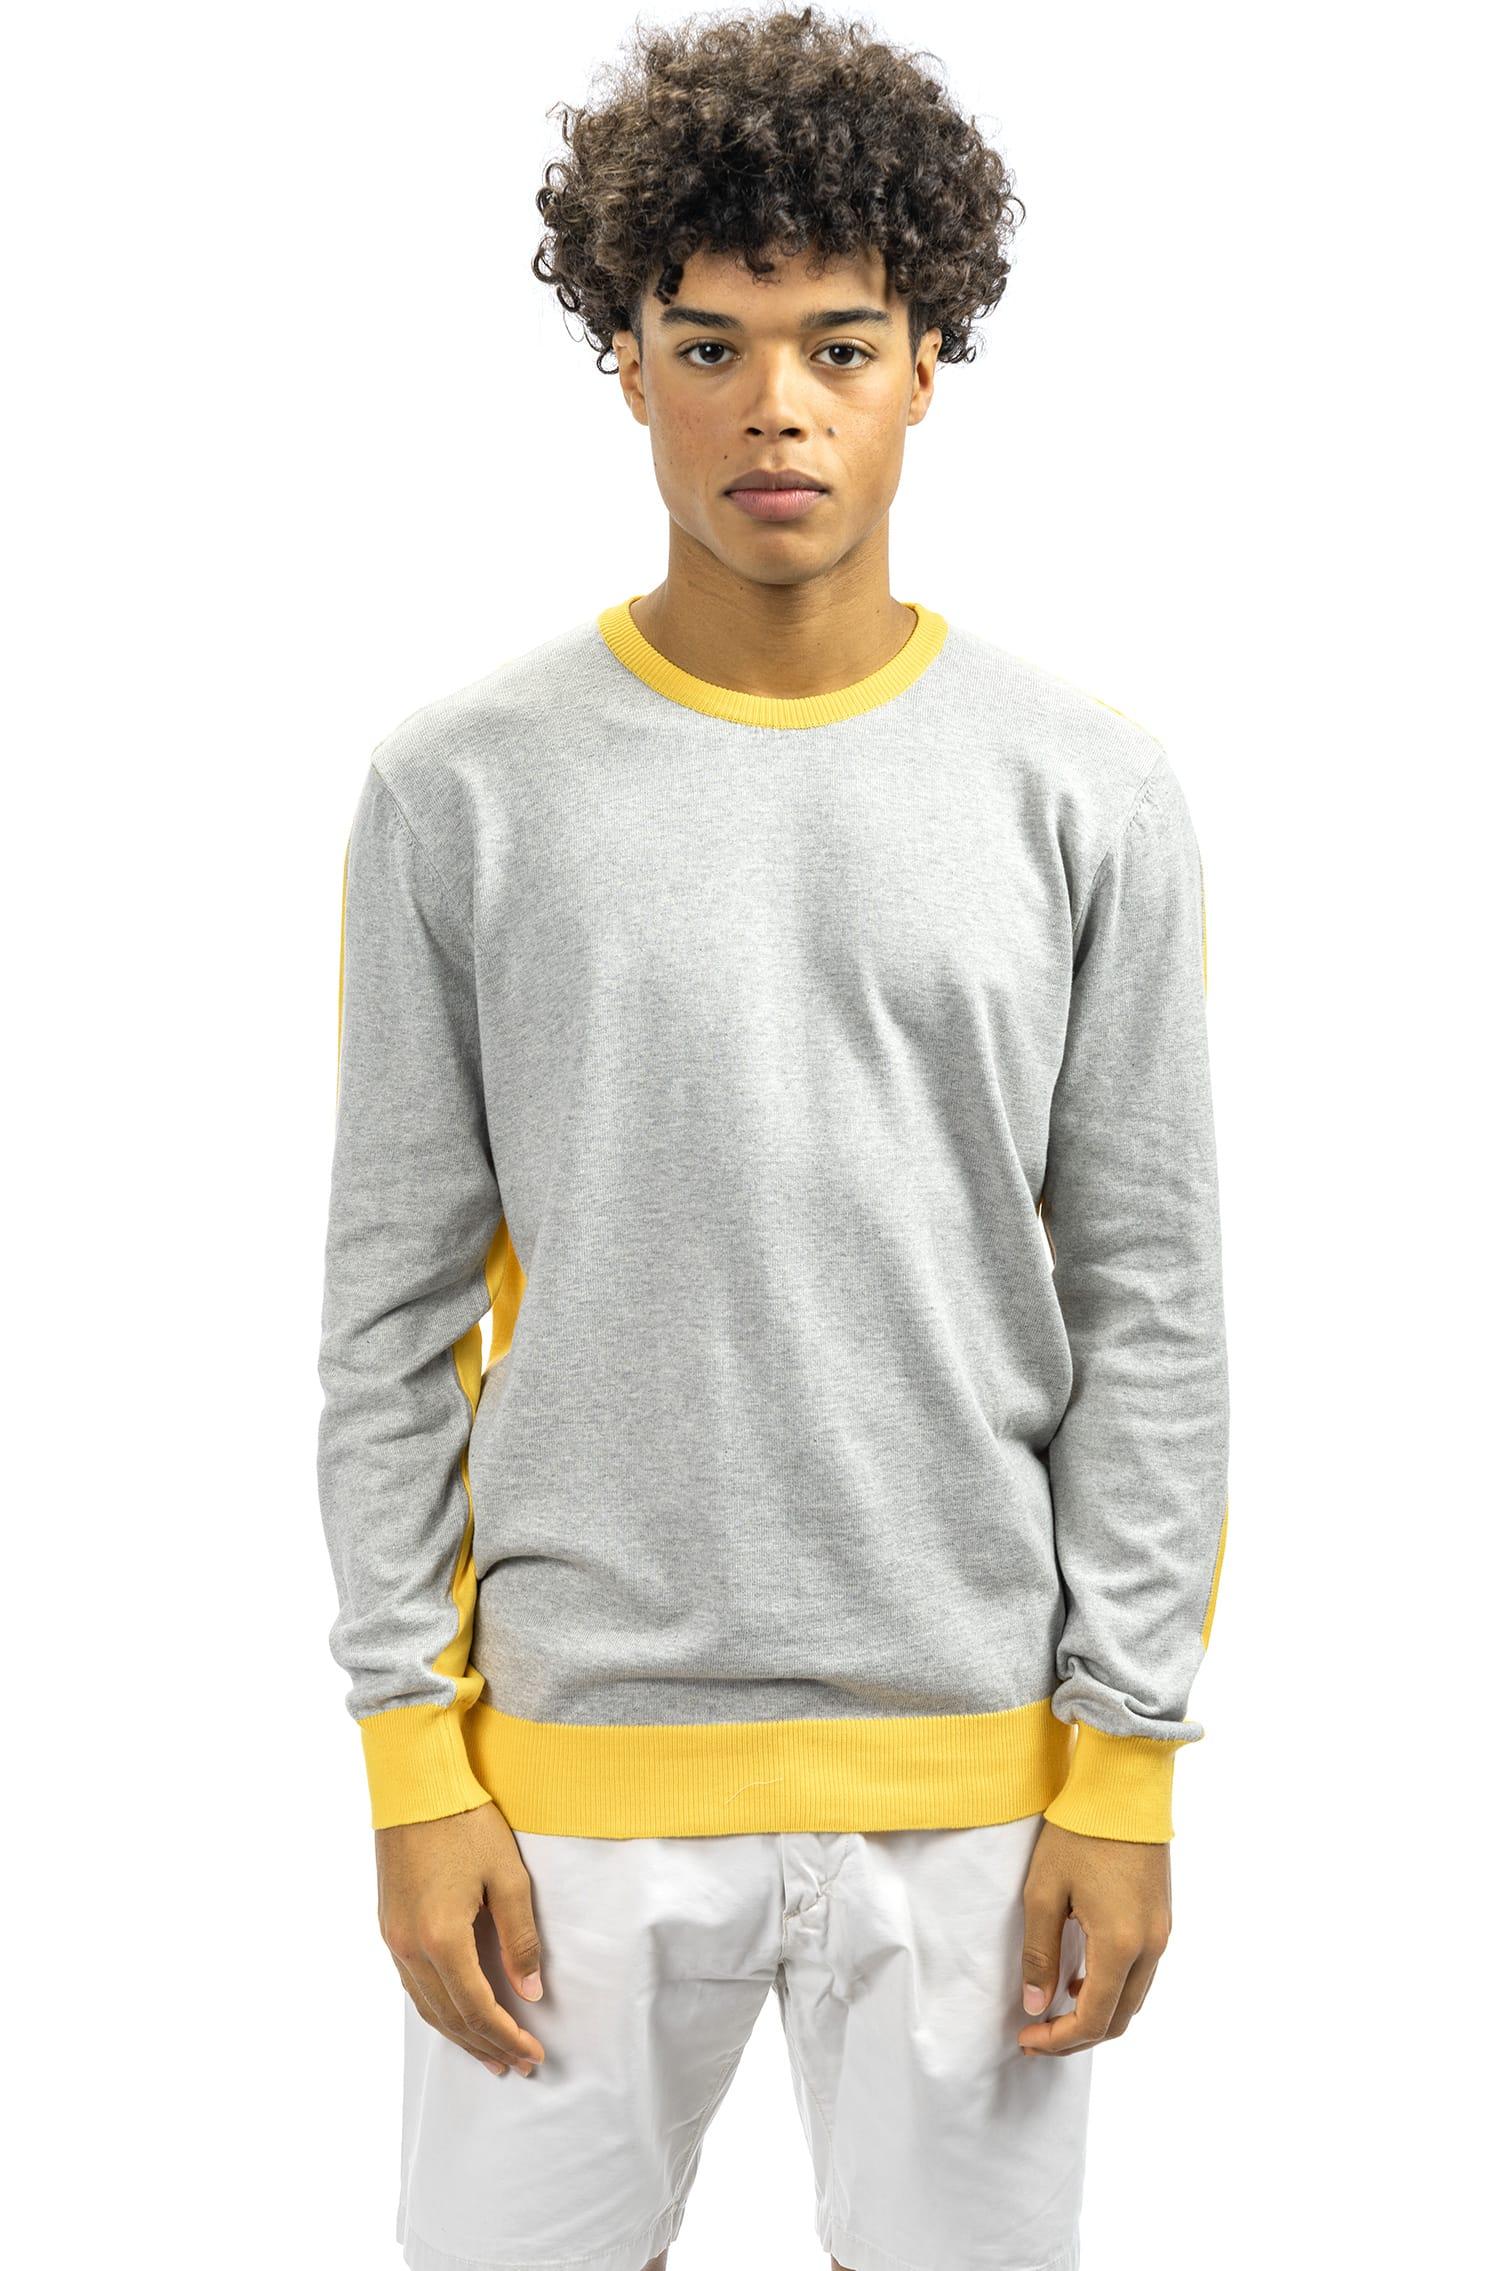 Flatlands Knitwear - Yellow